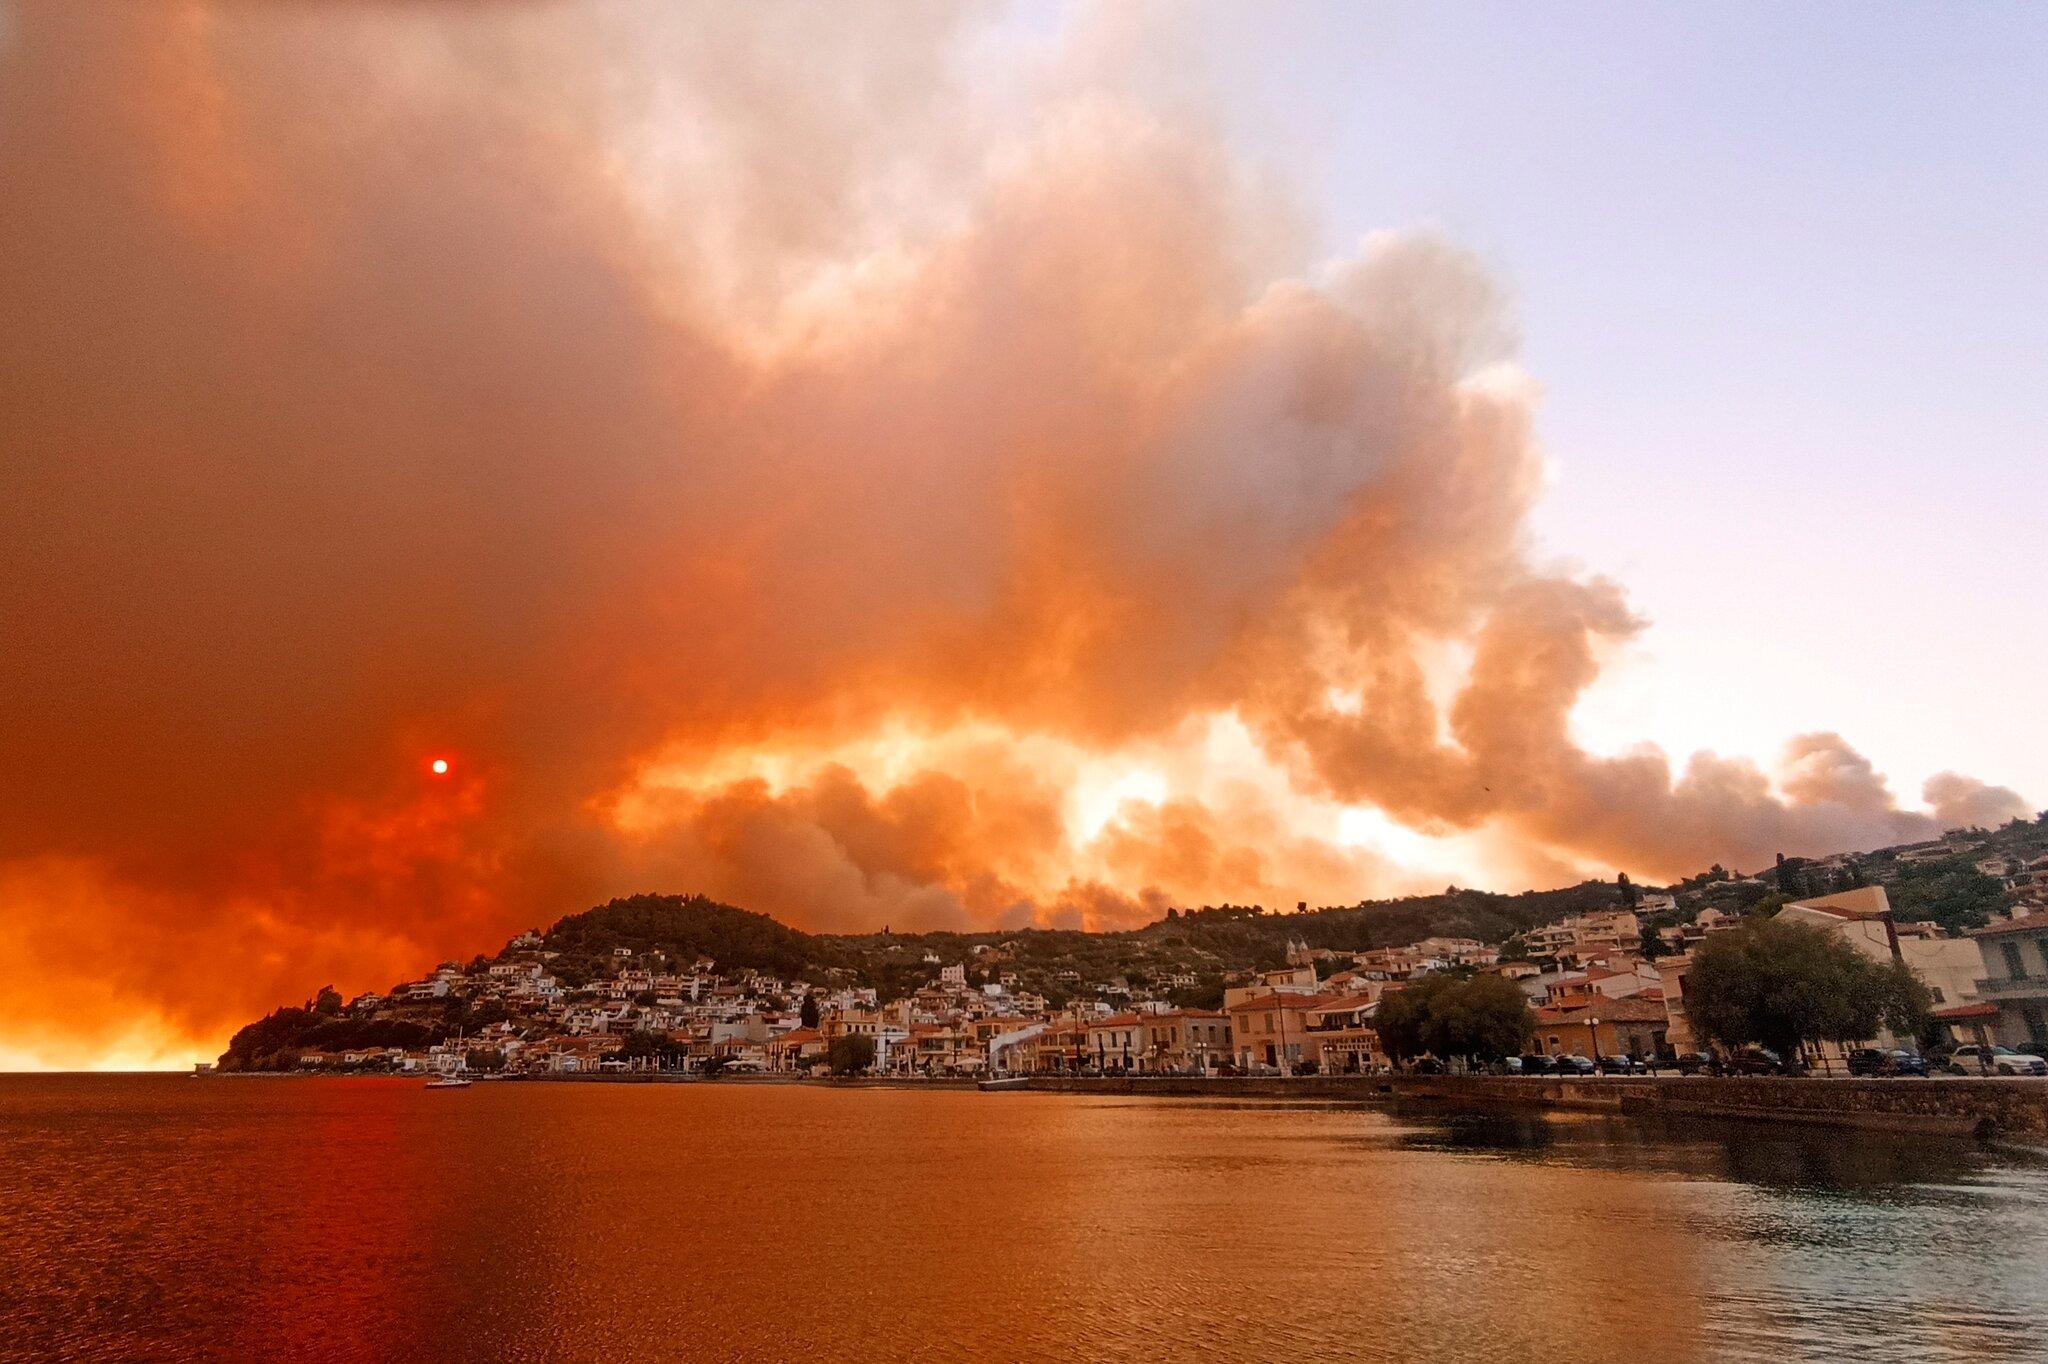 Συγκεντρώνουν δωρεές για τους πυρόπληκτους στην Ελλάδα